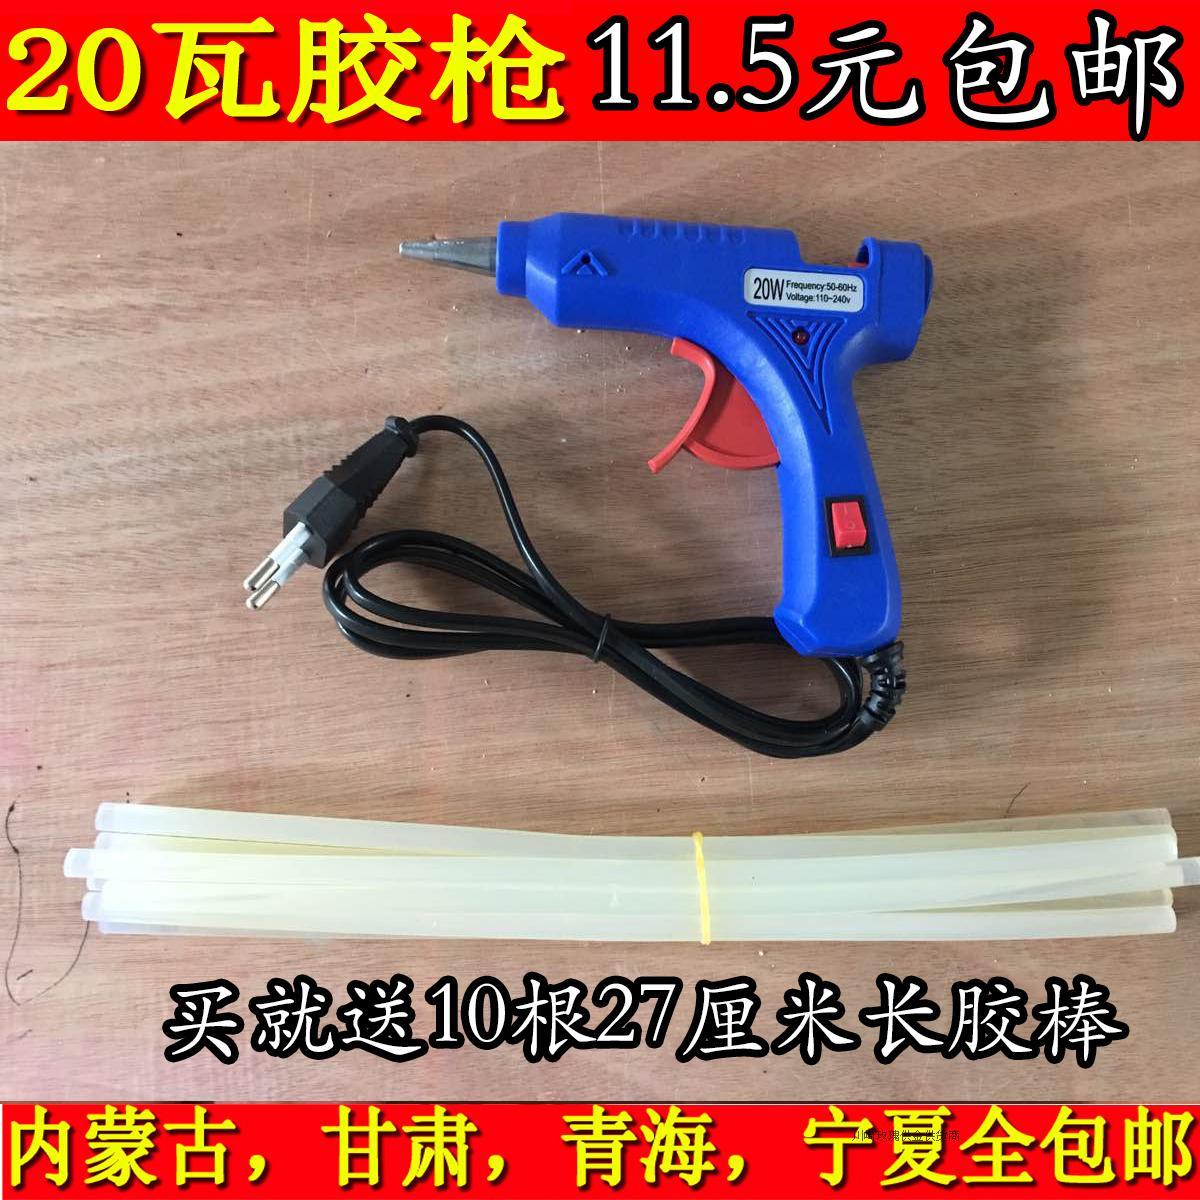 【20W клеевой пистолет 】 kawasaki роз пакет производство обычно тип подключение цветочные стержни против бутон